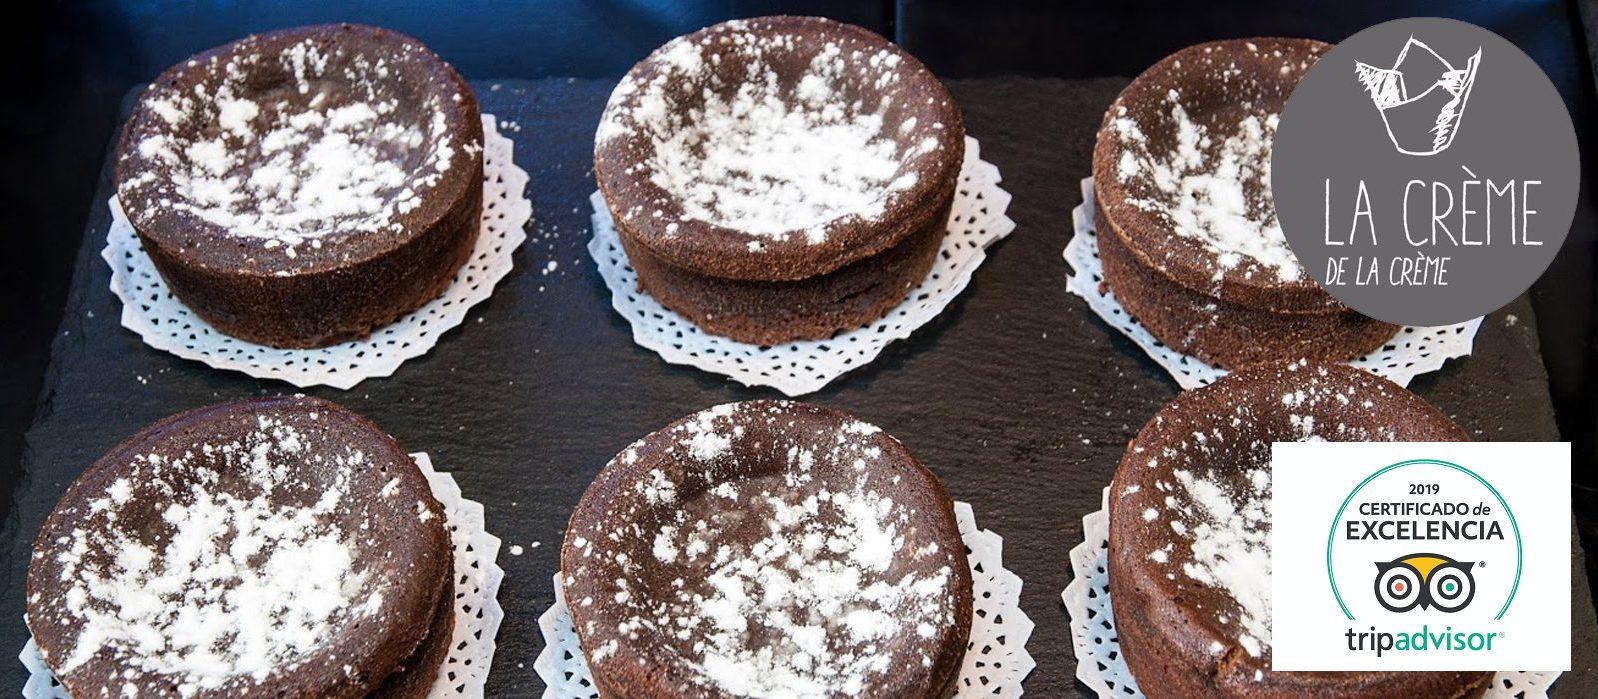 chocolate-en-sevilla browni sevilla certificado excelencia tripadvisor